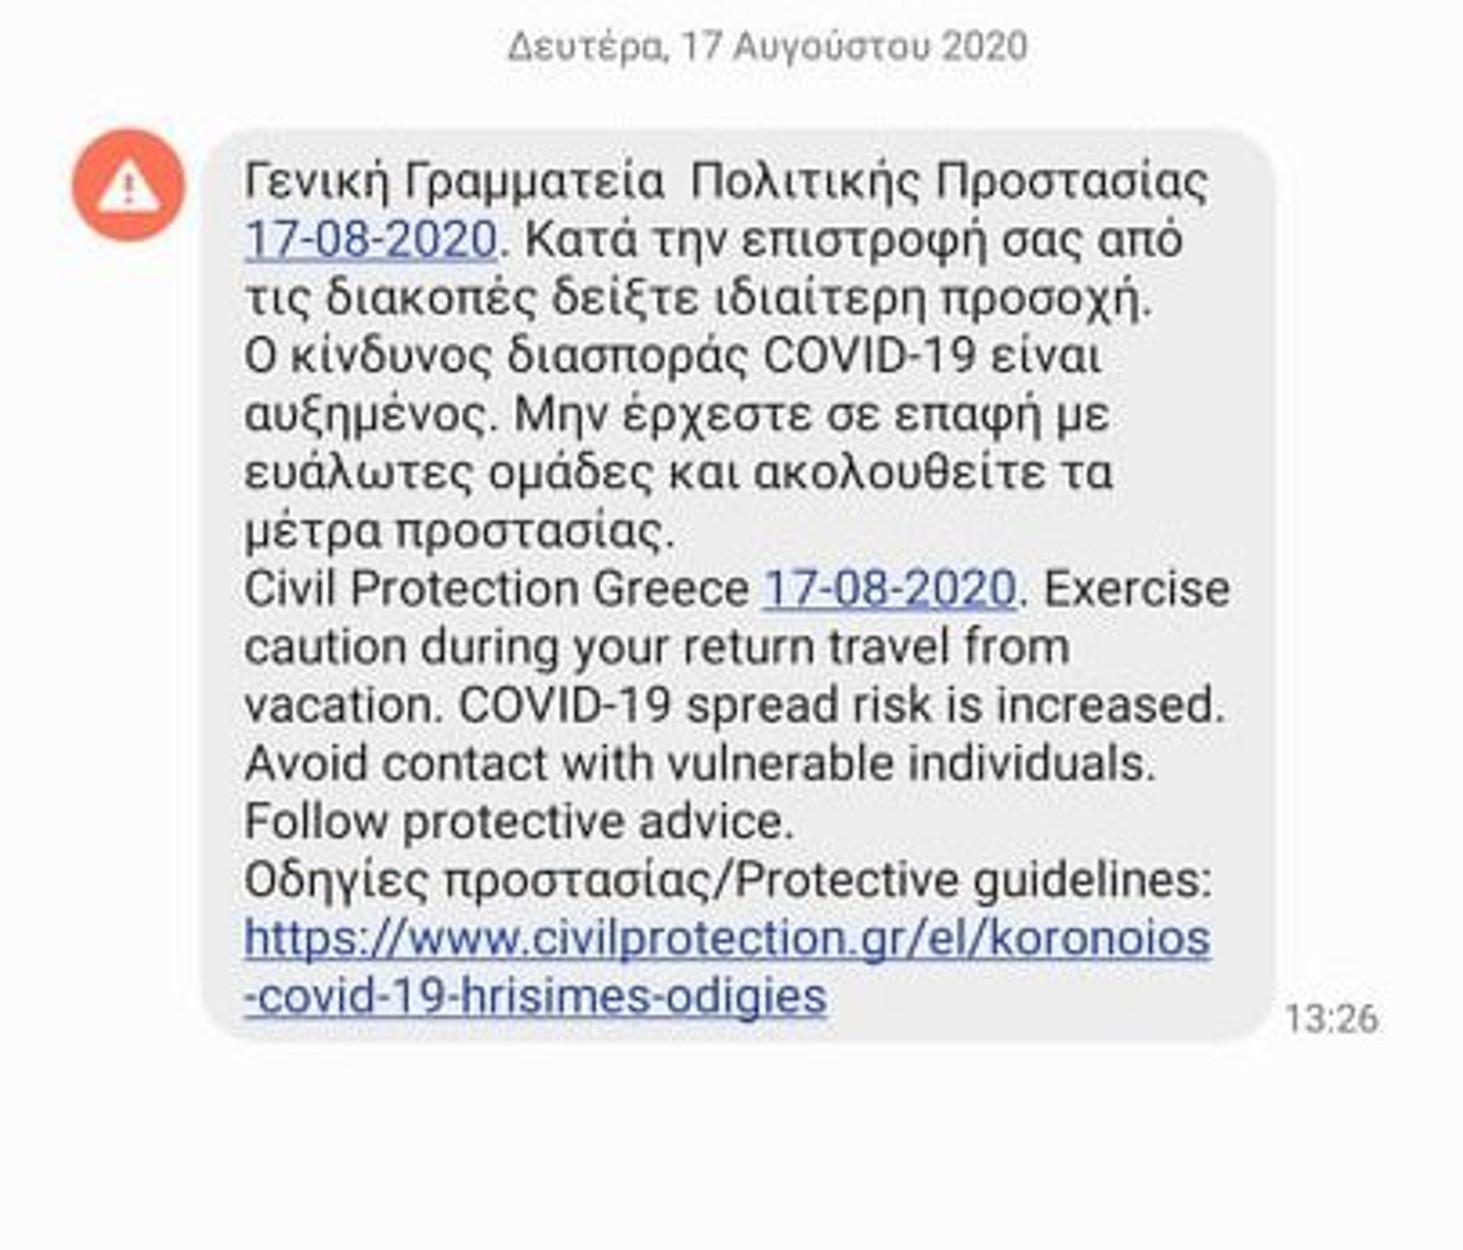 112: Τι πρέπει να κάνετε αν δεν λαμβάνετε τα μηνύματα της Πολιτικής Προστασίας